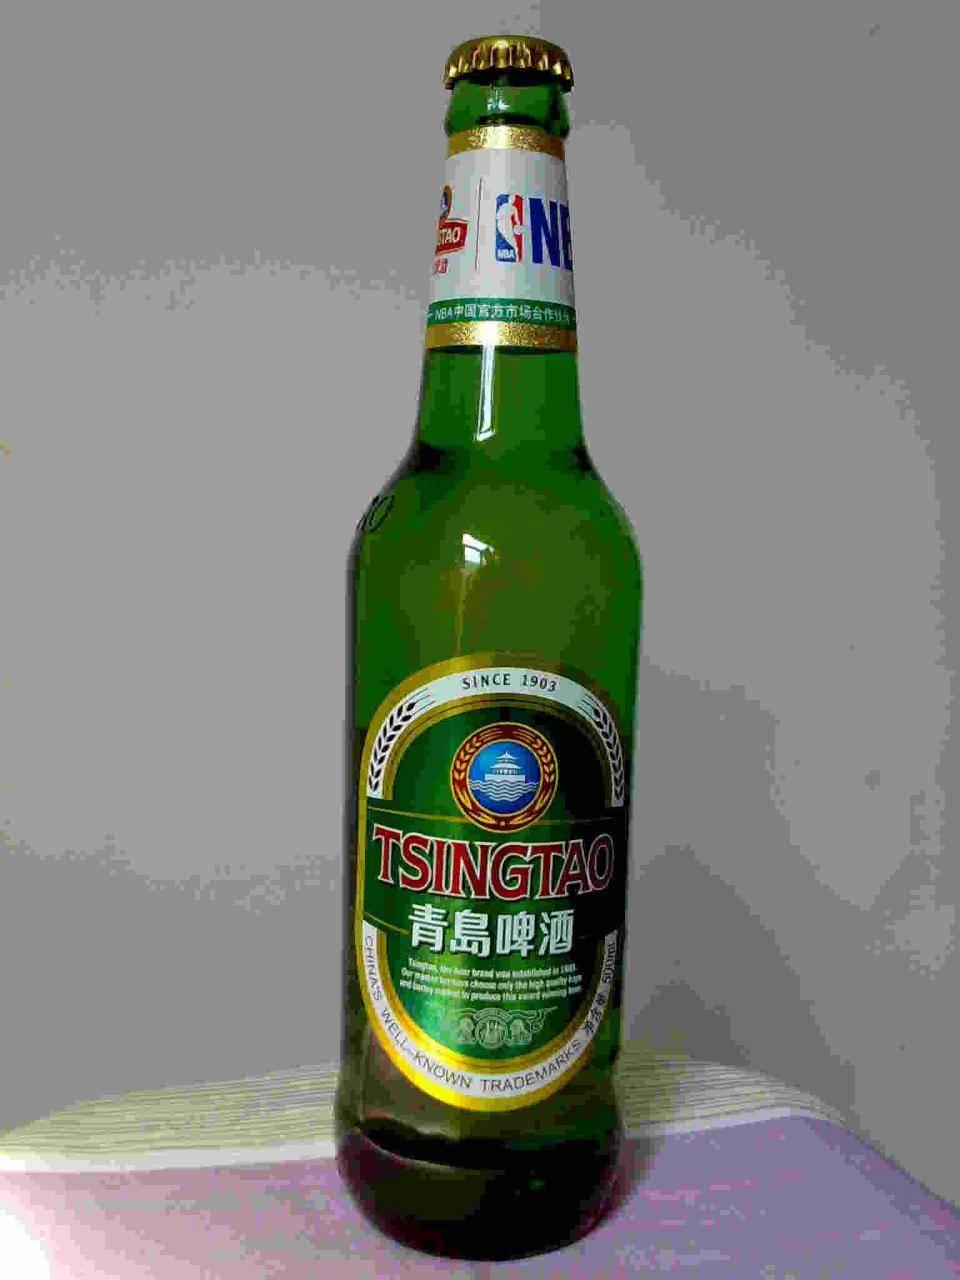 青岛啤酒红箱价格-青岛啤酒11度5O0ml礼盒啤酒(红色)多少钱?-大麦丫-精酿啤酒连锁超市,工厂店平价酒吧免费加盟